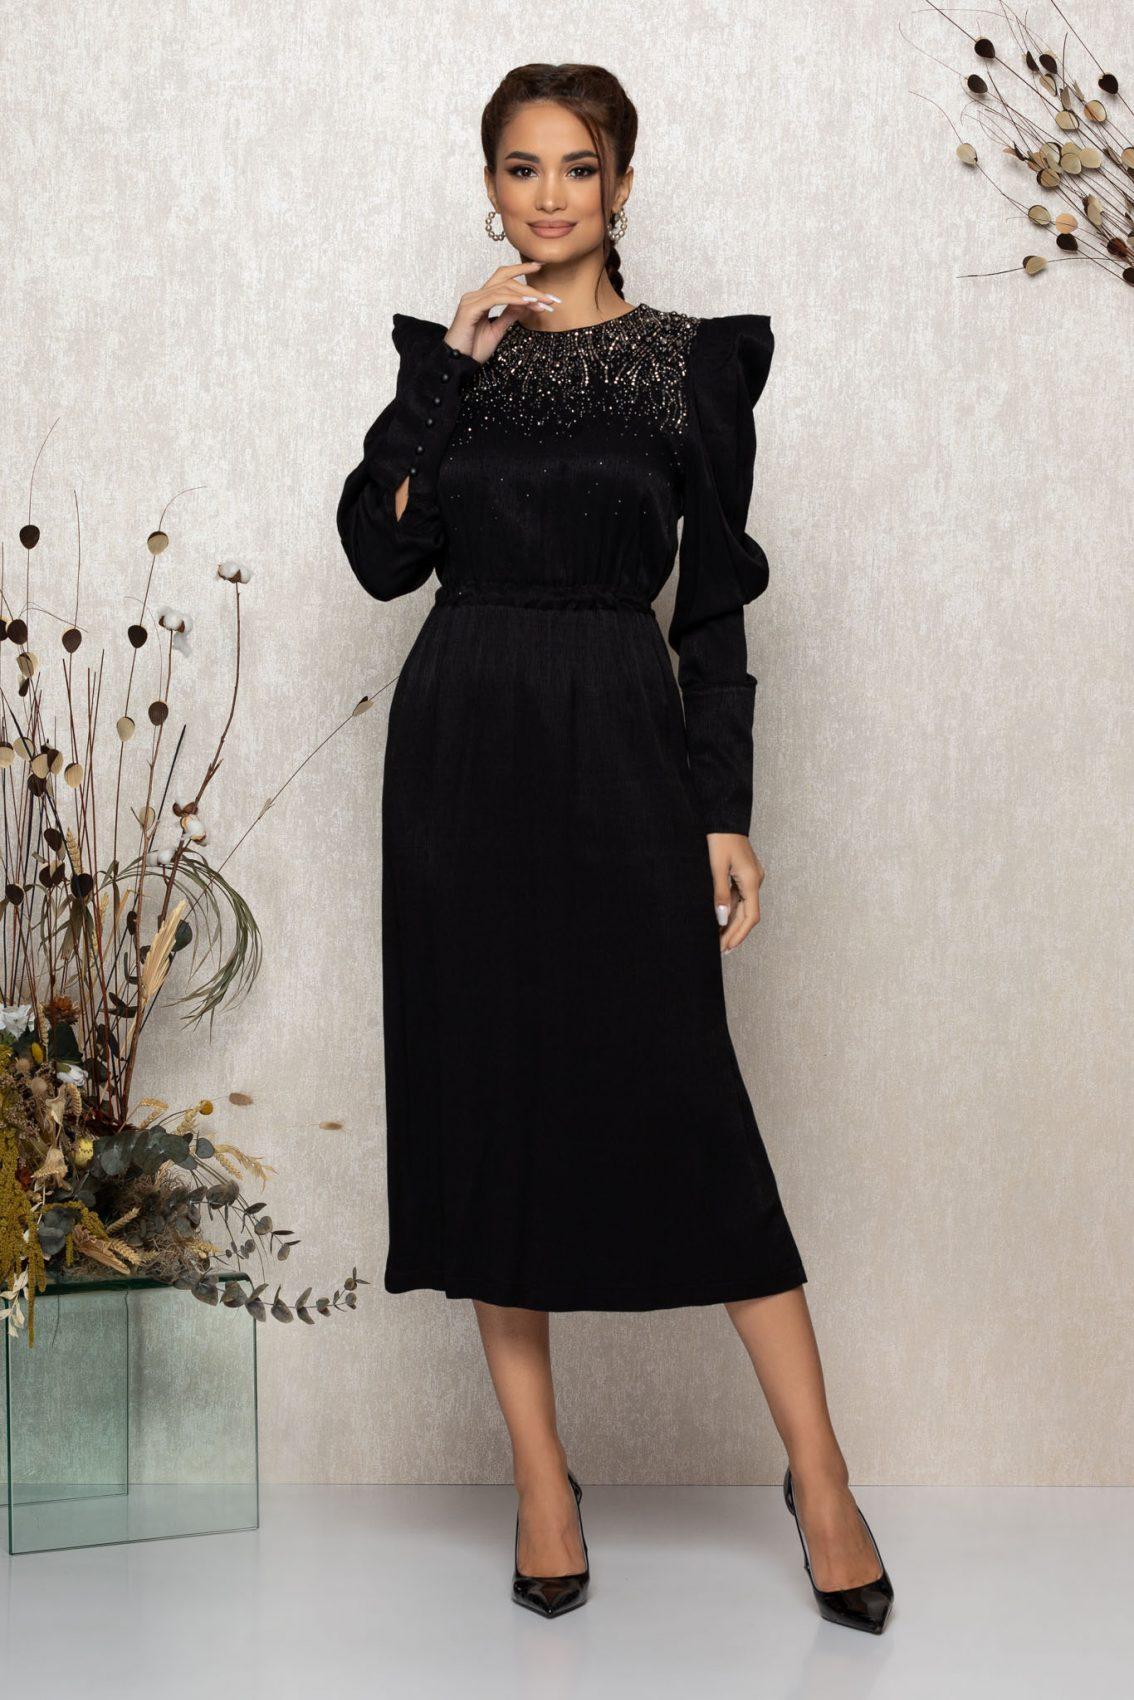 Μαύρο Μίντι Μακρυμάνικο Βραδινό Φόρεμα Brisha T346 3